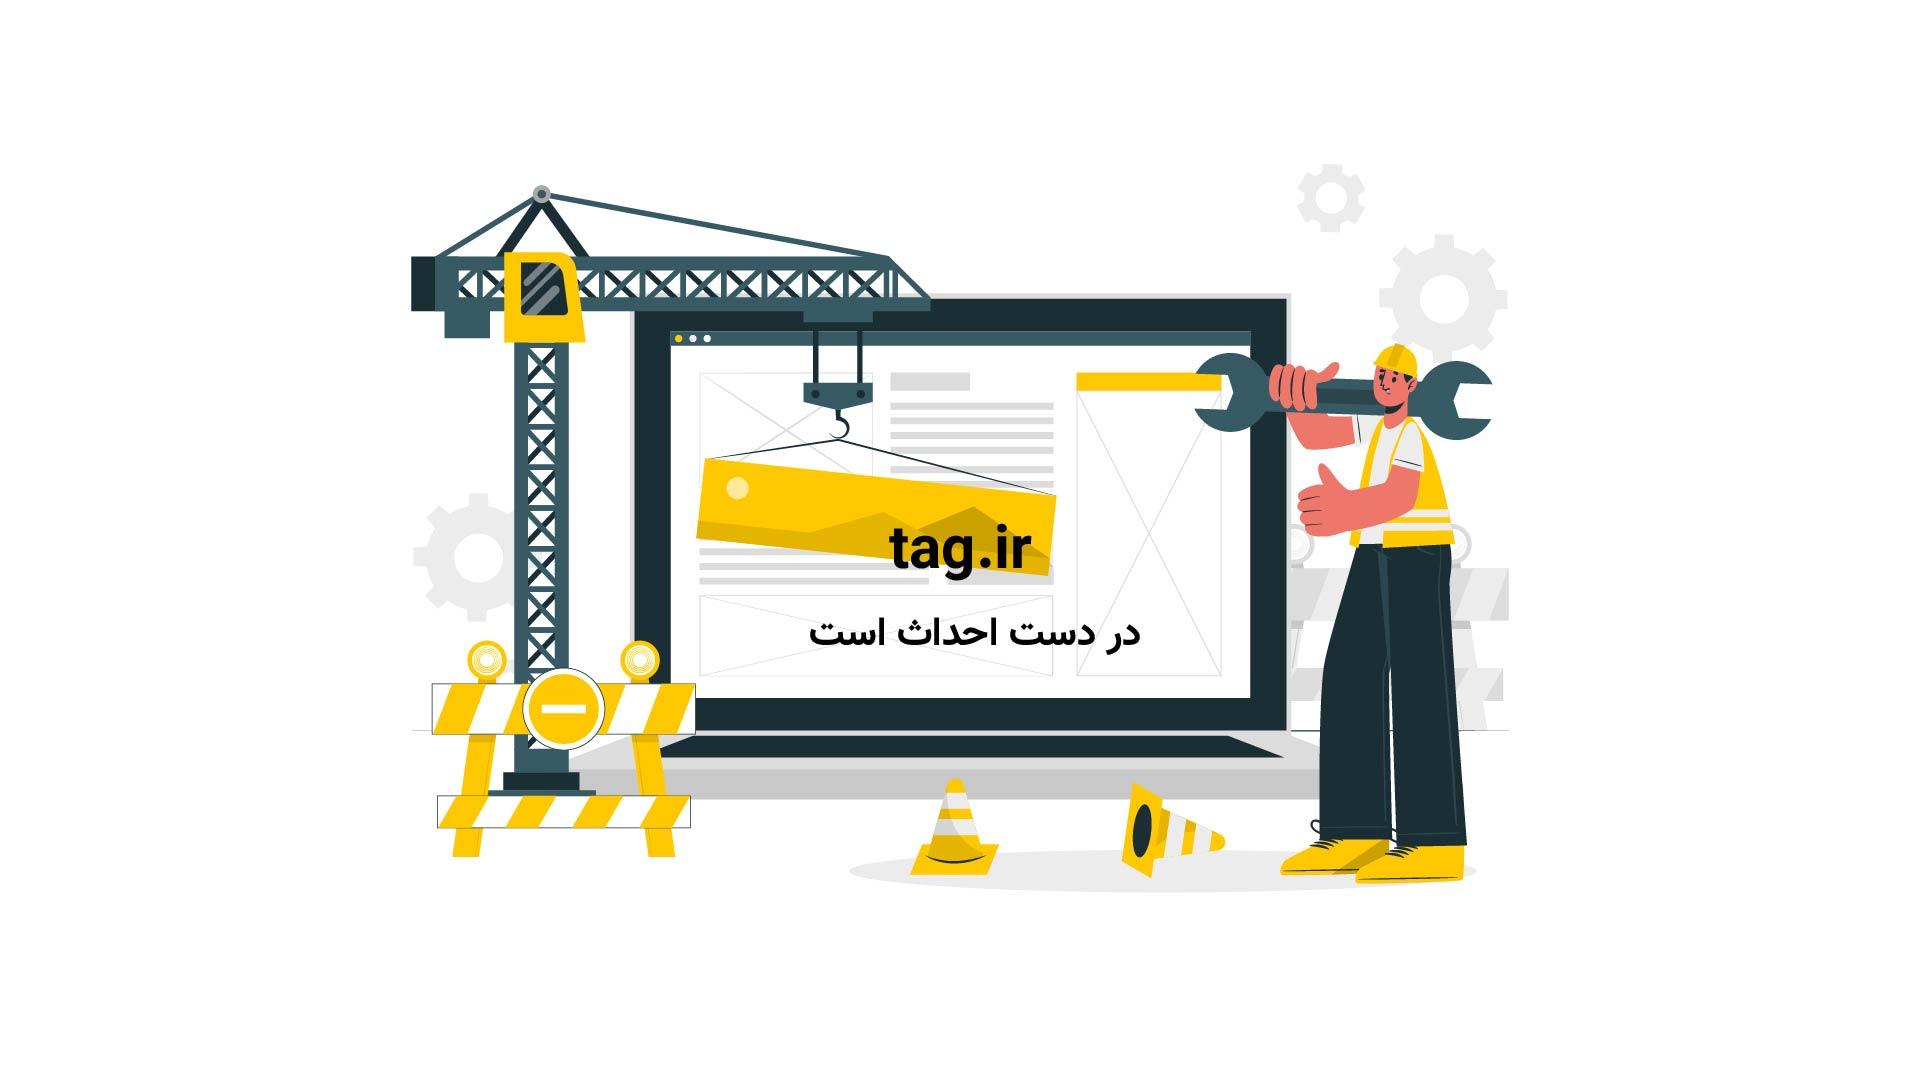 کارتون انگری بردز؛ این قسمت حباب های تخم مرغی | فیلم